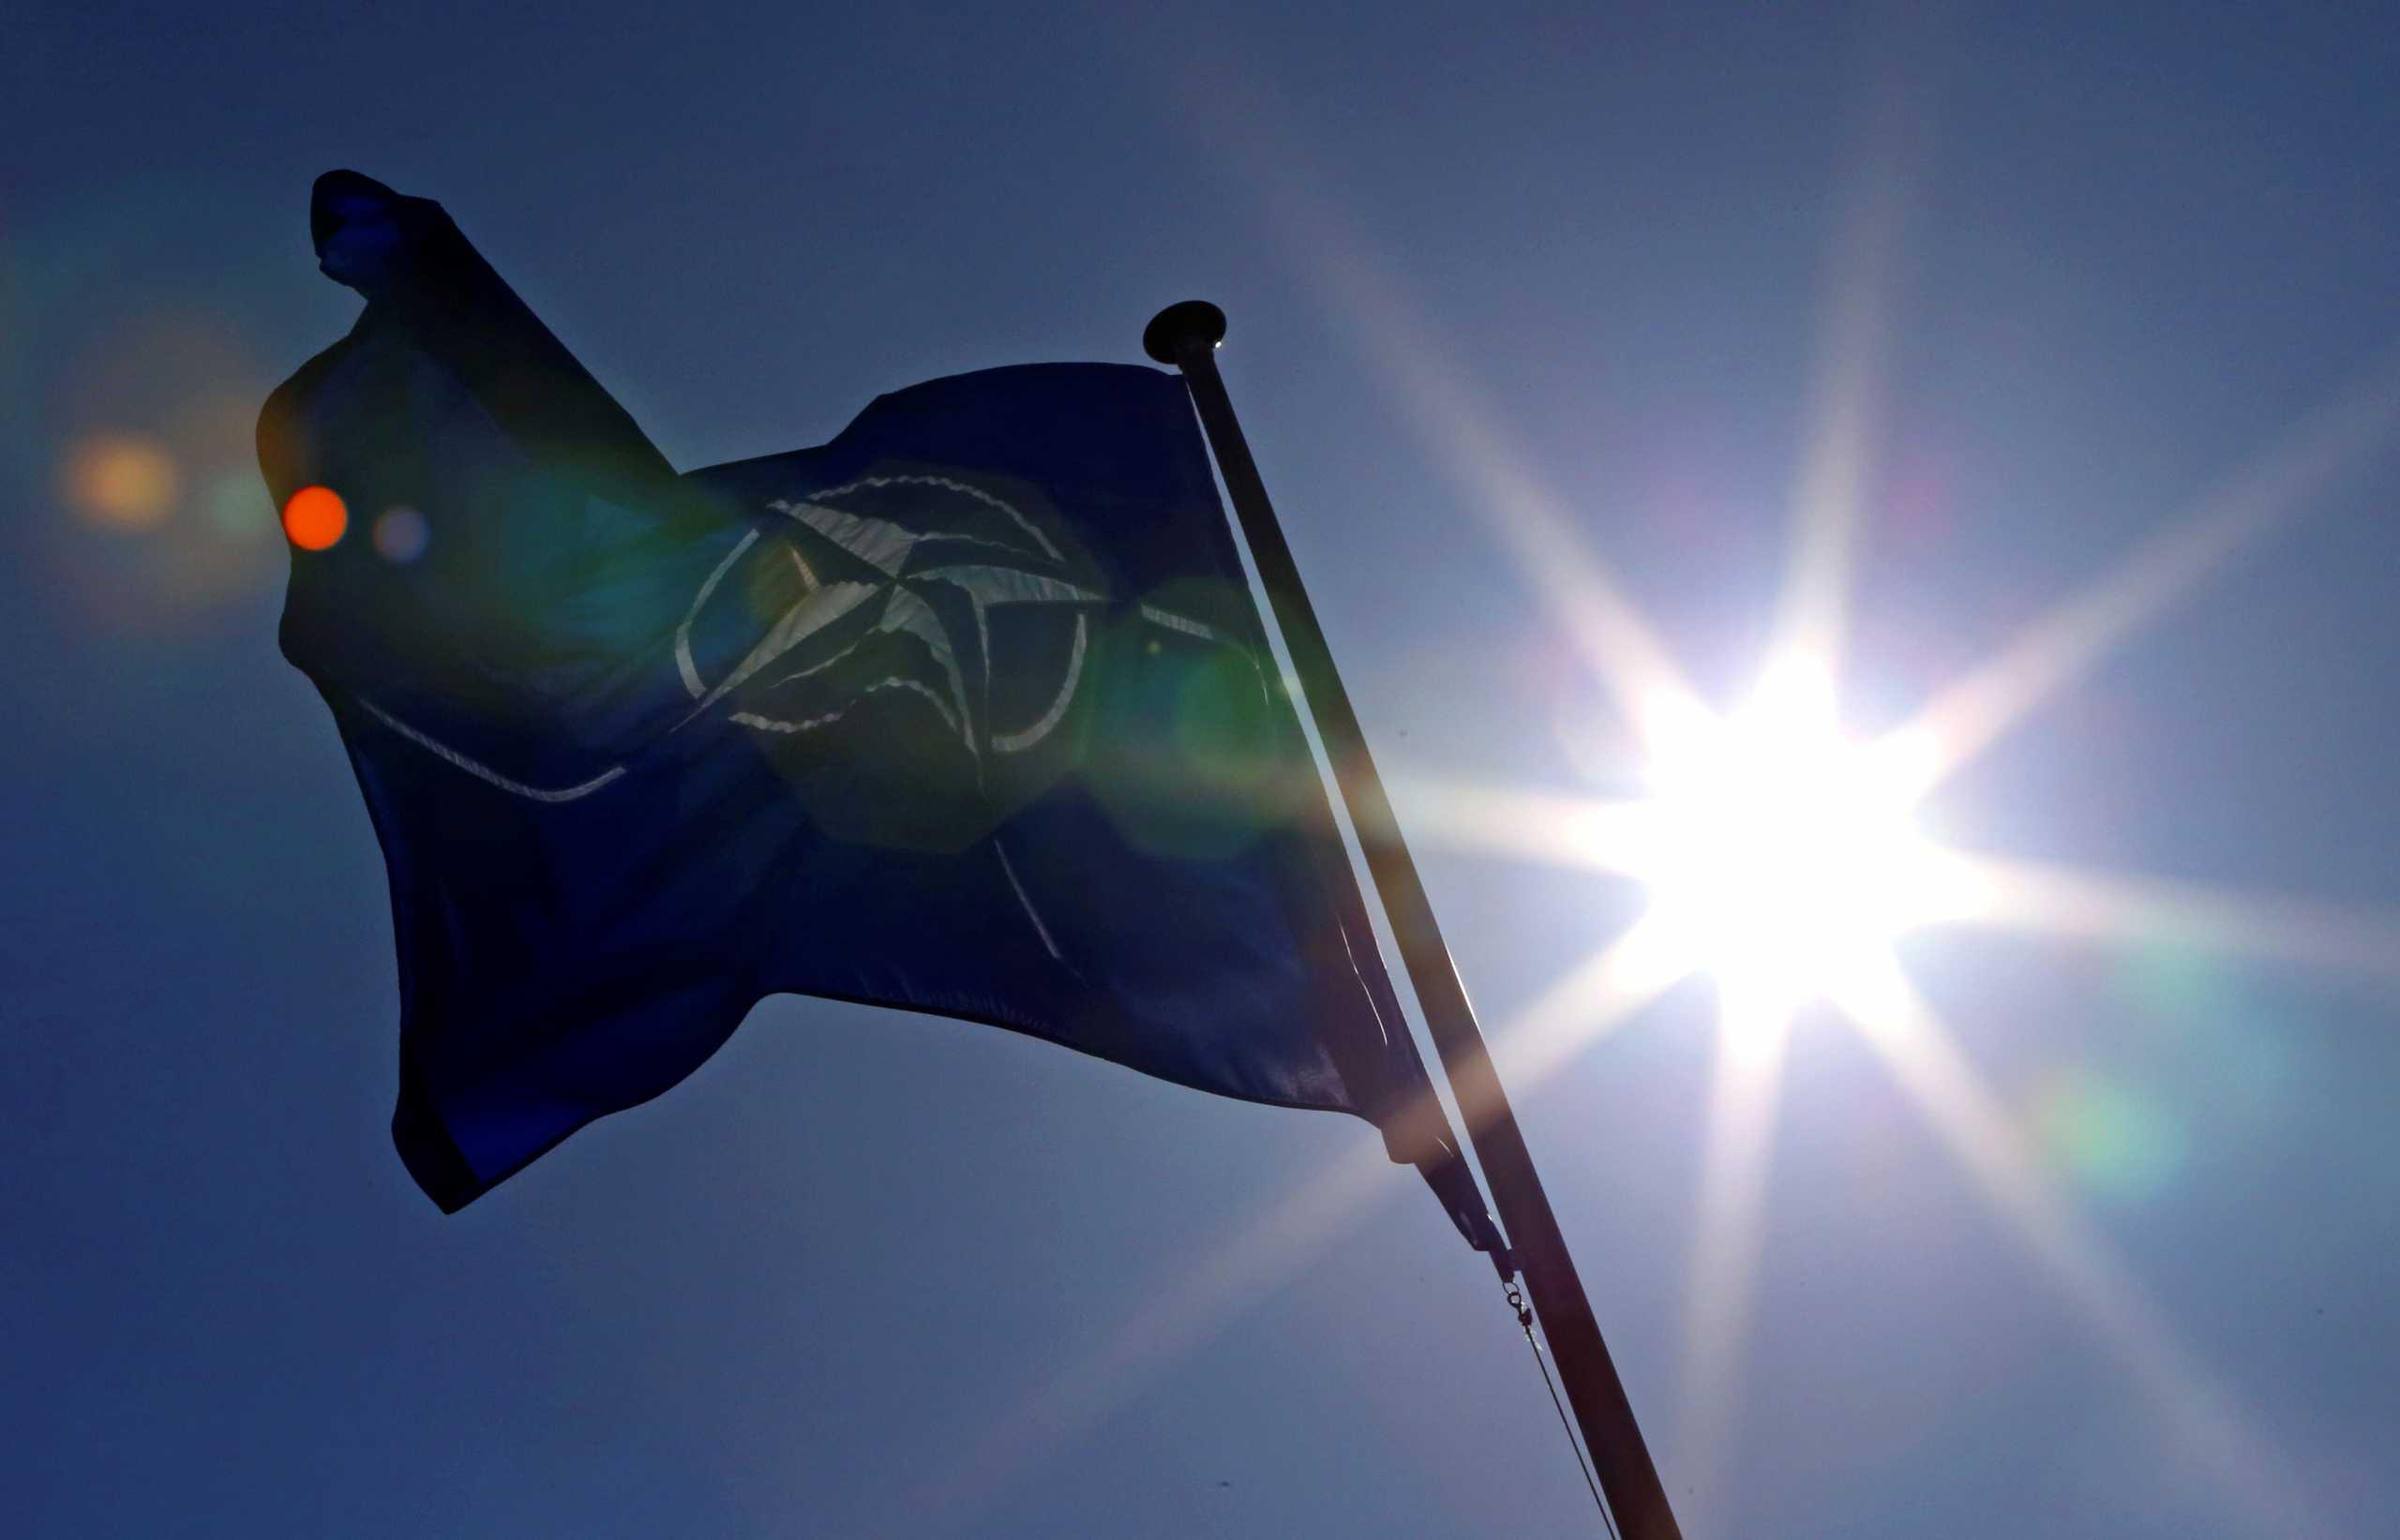 ΝΑΤΟ για τη συμφωνία Ελλάδας – Γαλλίας: Να είναι ο εξοπλισμός διαλειτουργικός, όχι όπως οι S-400